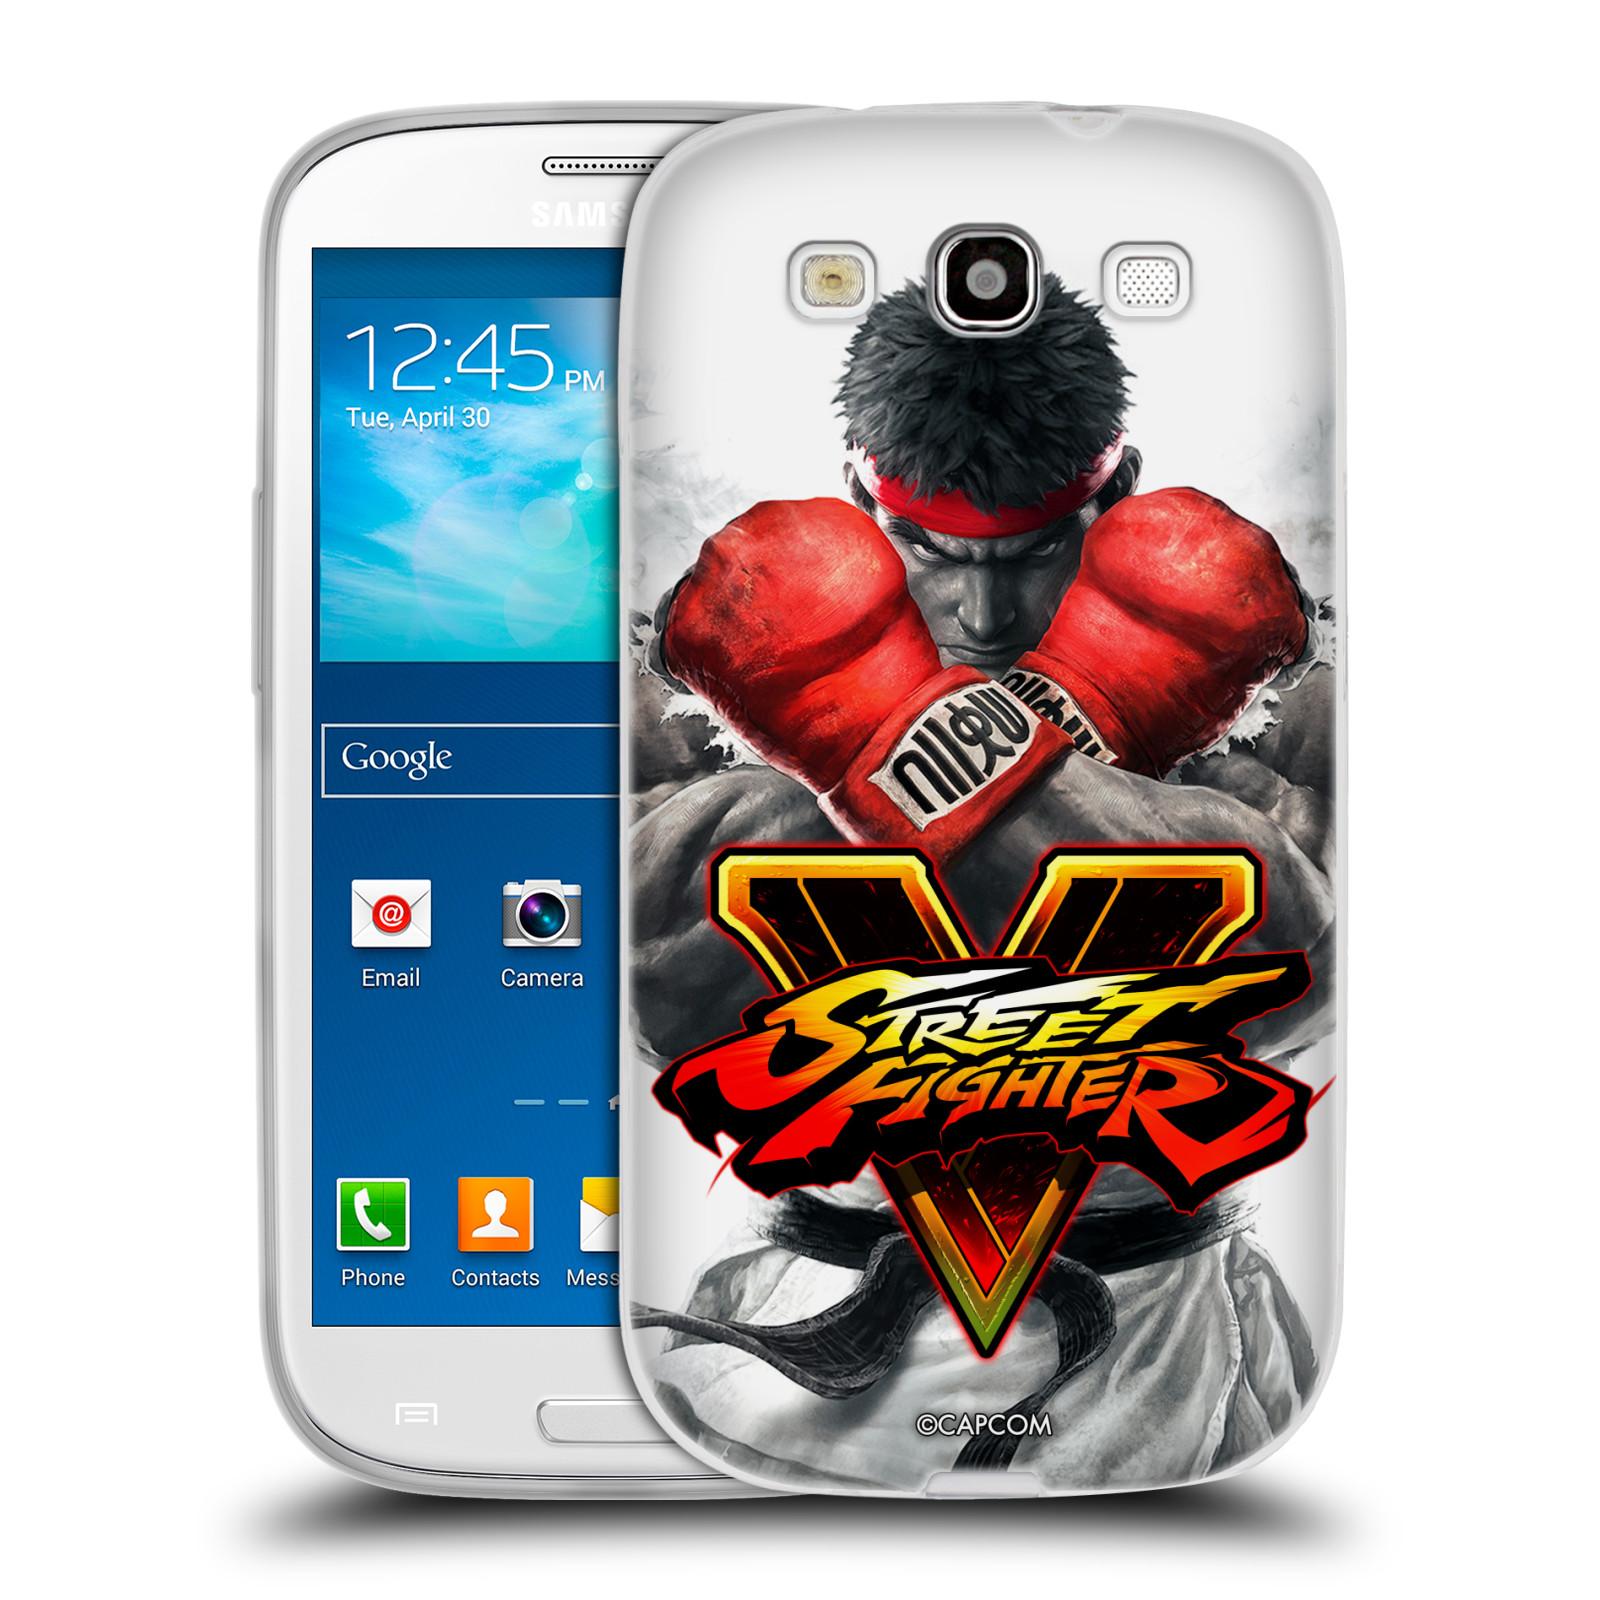 HEAD CASE silikonový obal na mobil Samsung Galaxy S3 oficiální kryt STREET FIGHTER Boxer Ryu